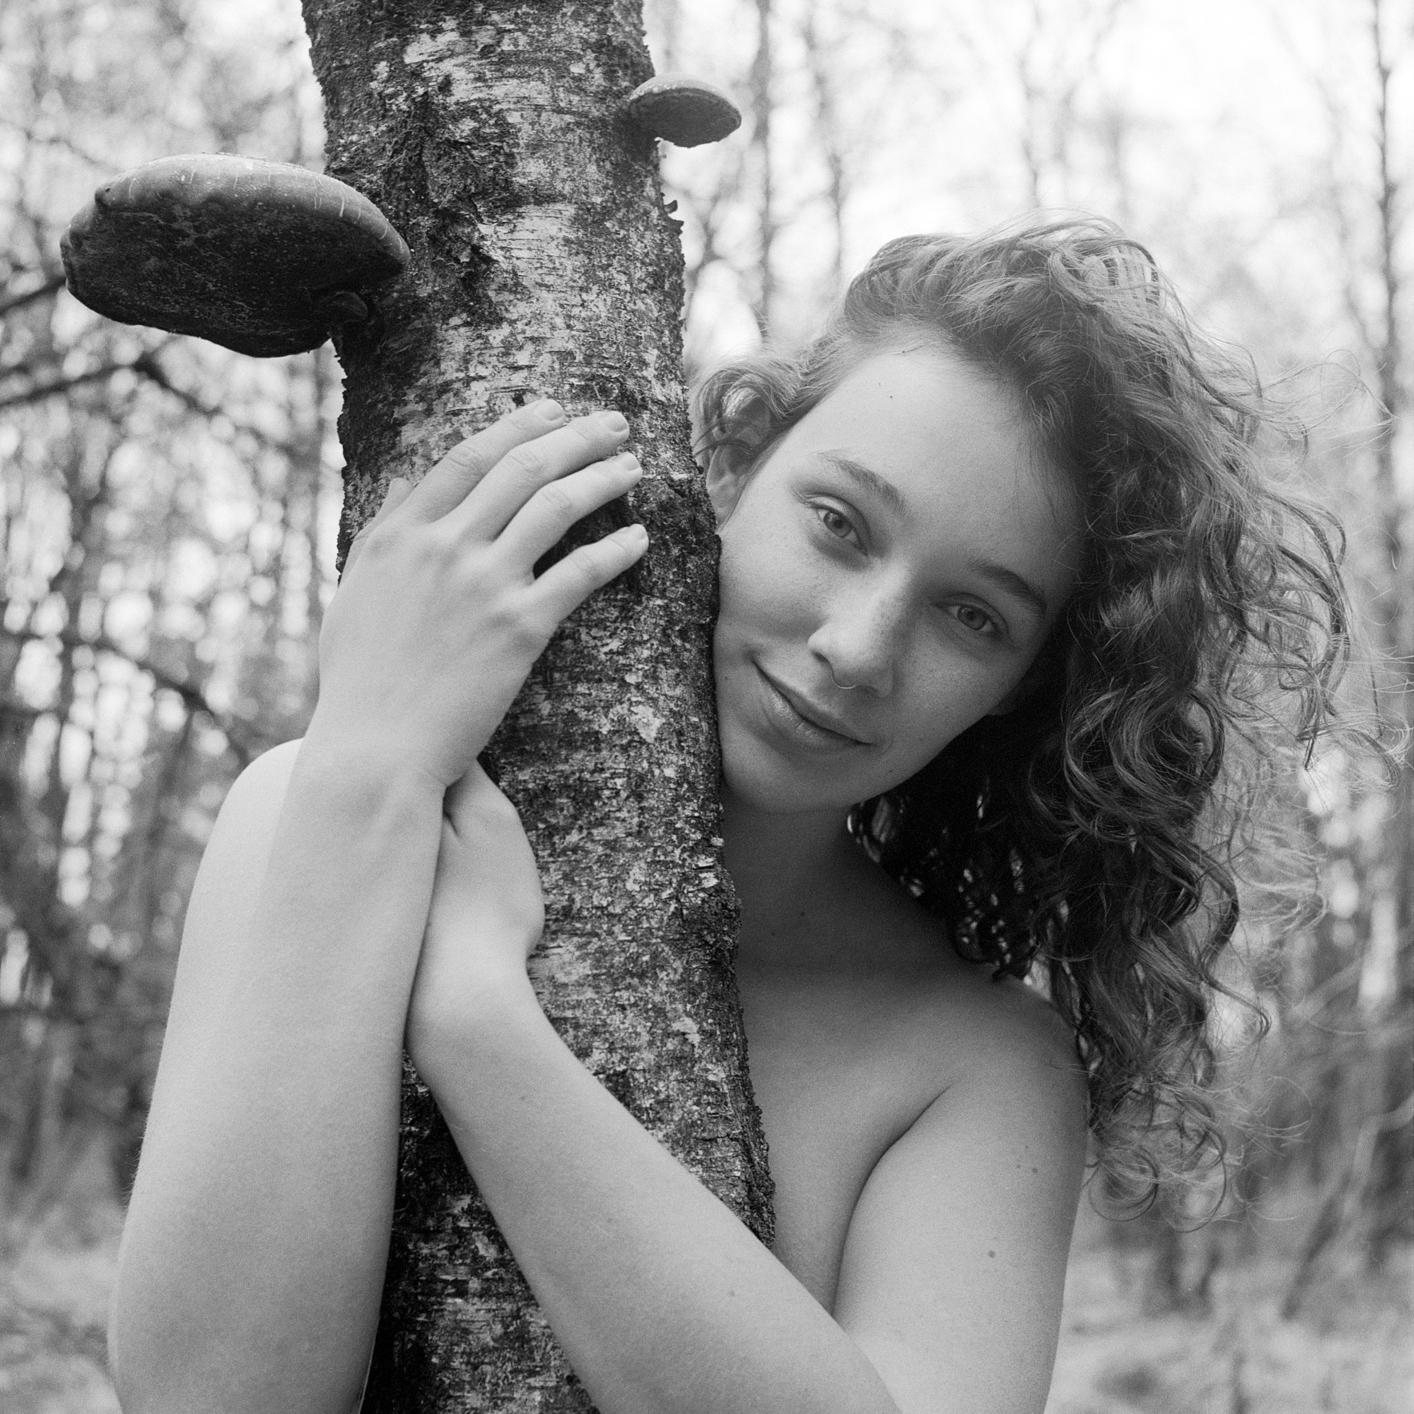 Noa - Rolleiflex T, Ilford HP5+ - foto door alexander-snel op 12-04-2021 - deze foto bevat: lip, arm, fotograaf, gezichtsuitdrukking, glimlach, wit, mensen in de natuur, natuur, zwart, blad